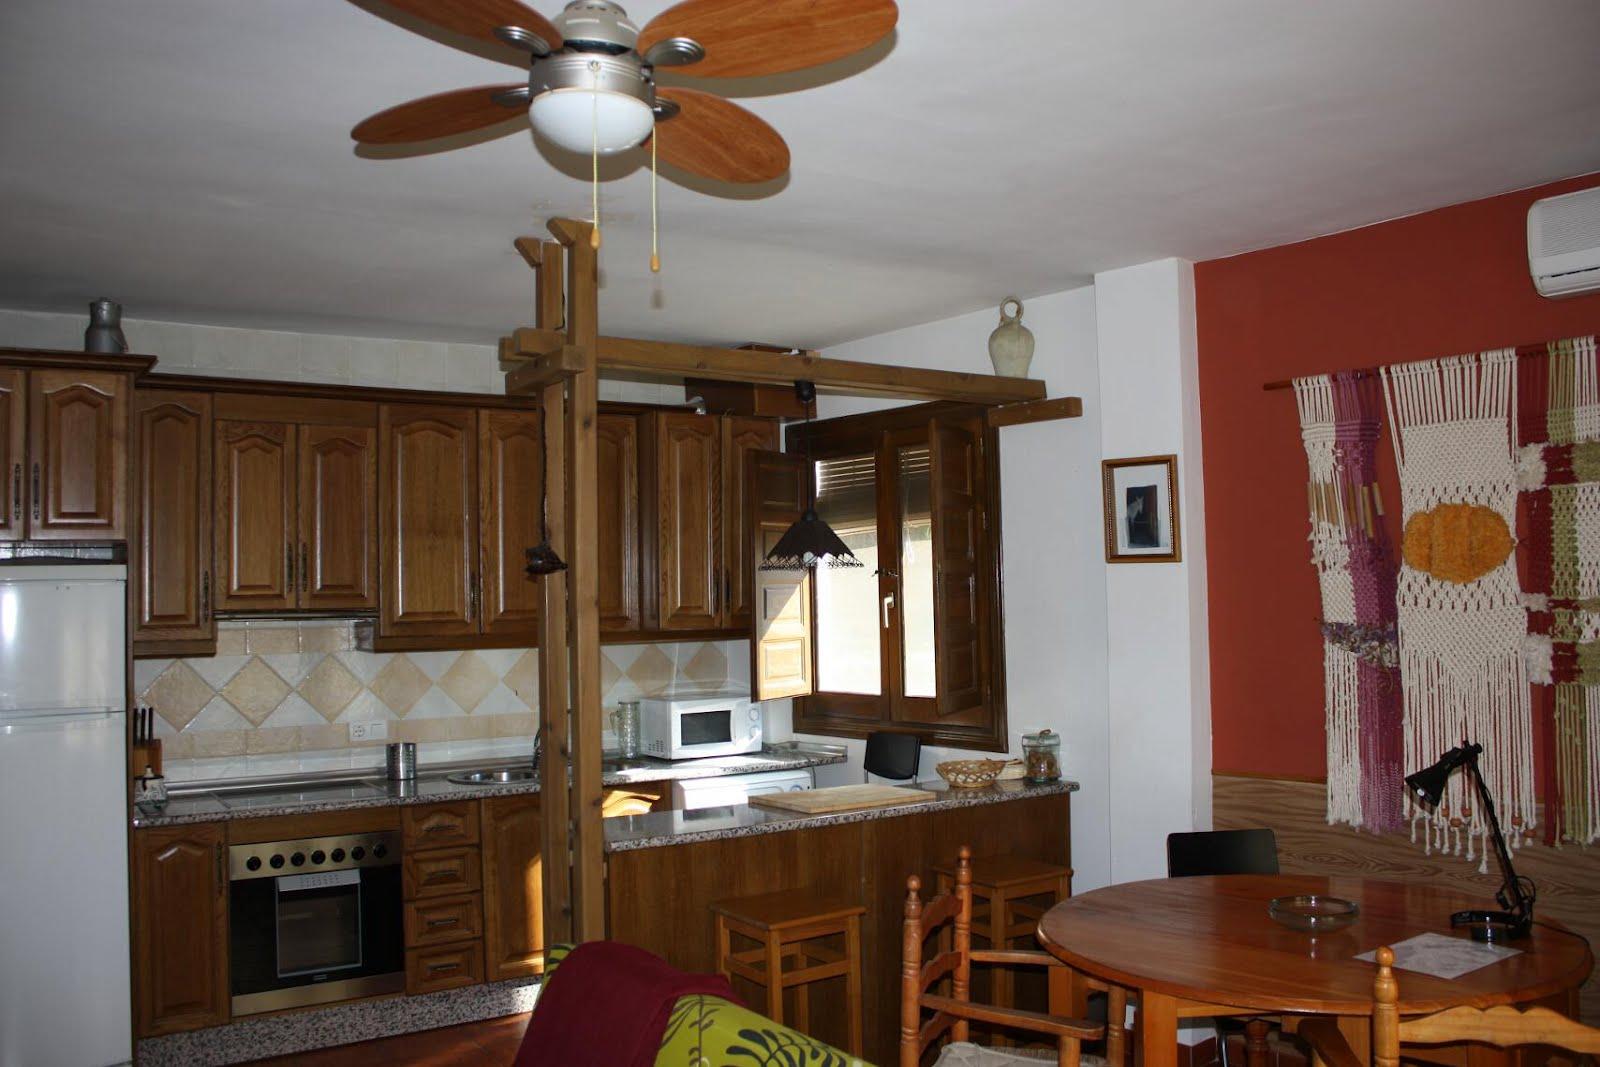 Descripci n de la casa alojamiento rural en ohanes for Cortinas salon rustico